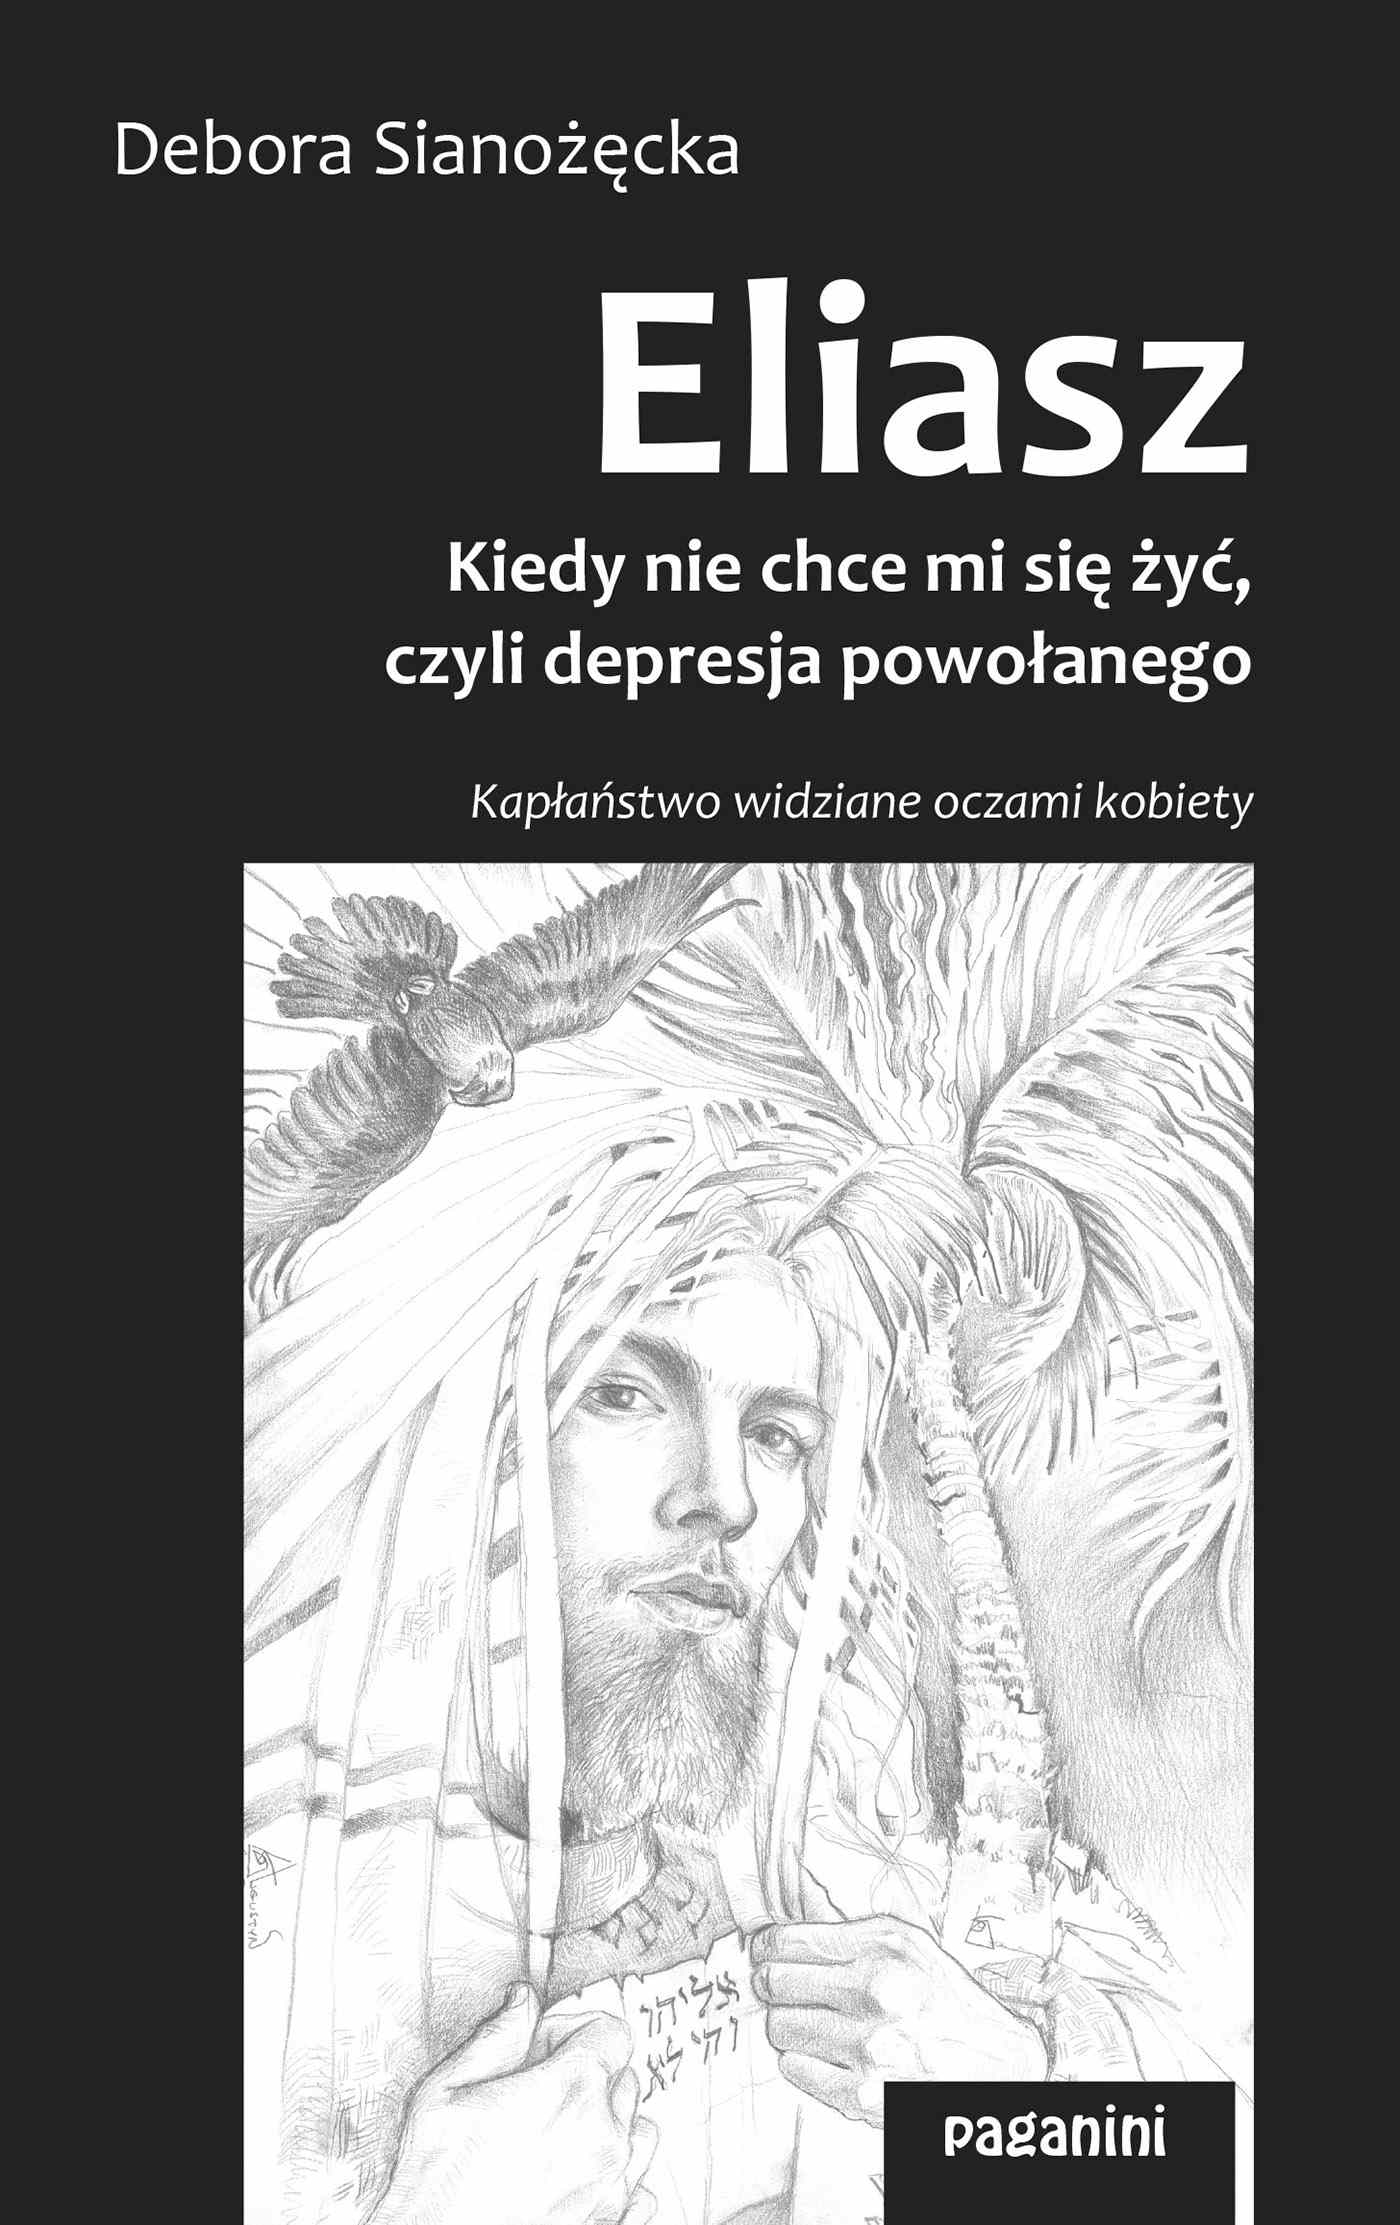 ELIASZ – kiedy nie chce mi się żyć, czyli depresja powołanego. Kapłaństwo widziane oczami kobiety. - Ebook (Książka PDF) do pobrania w formacie PDF